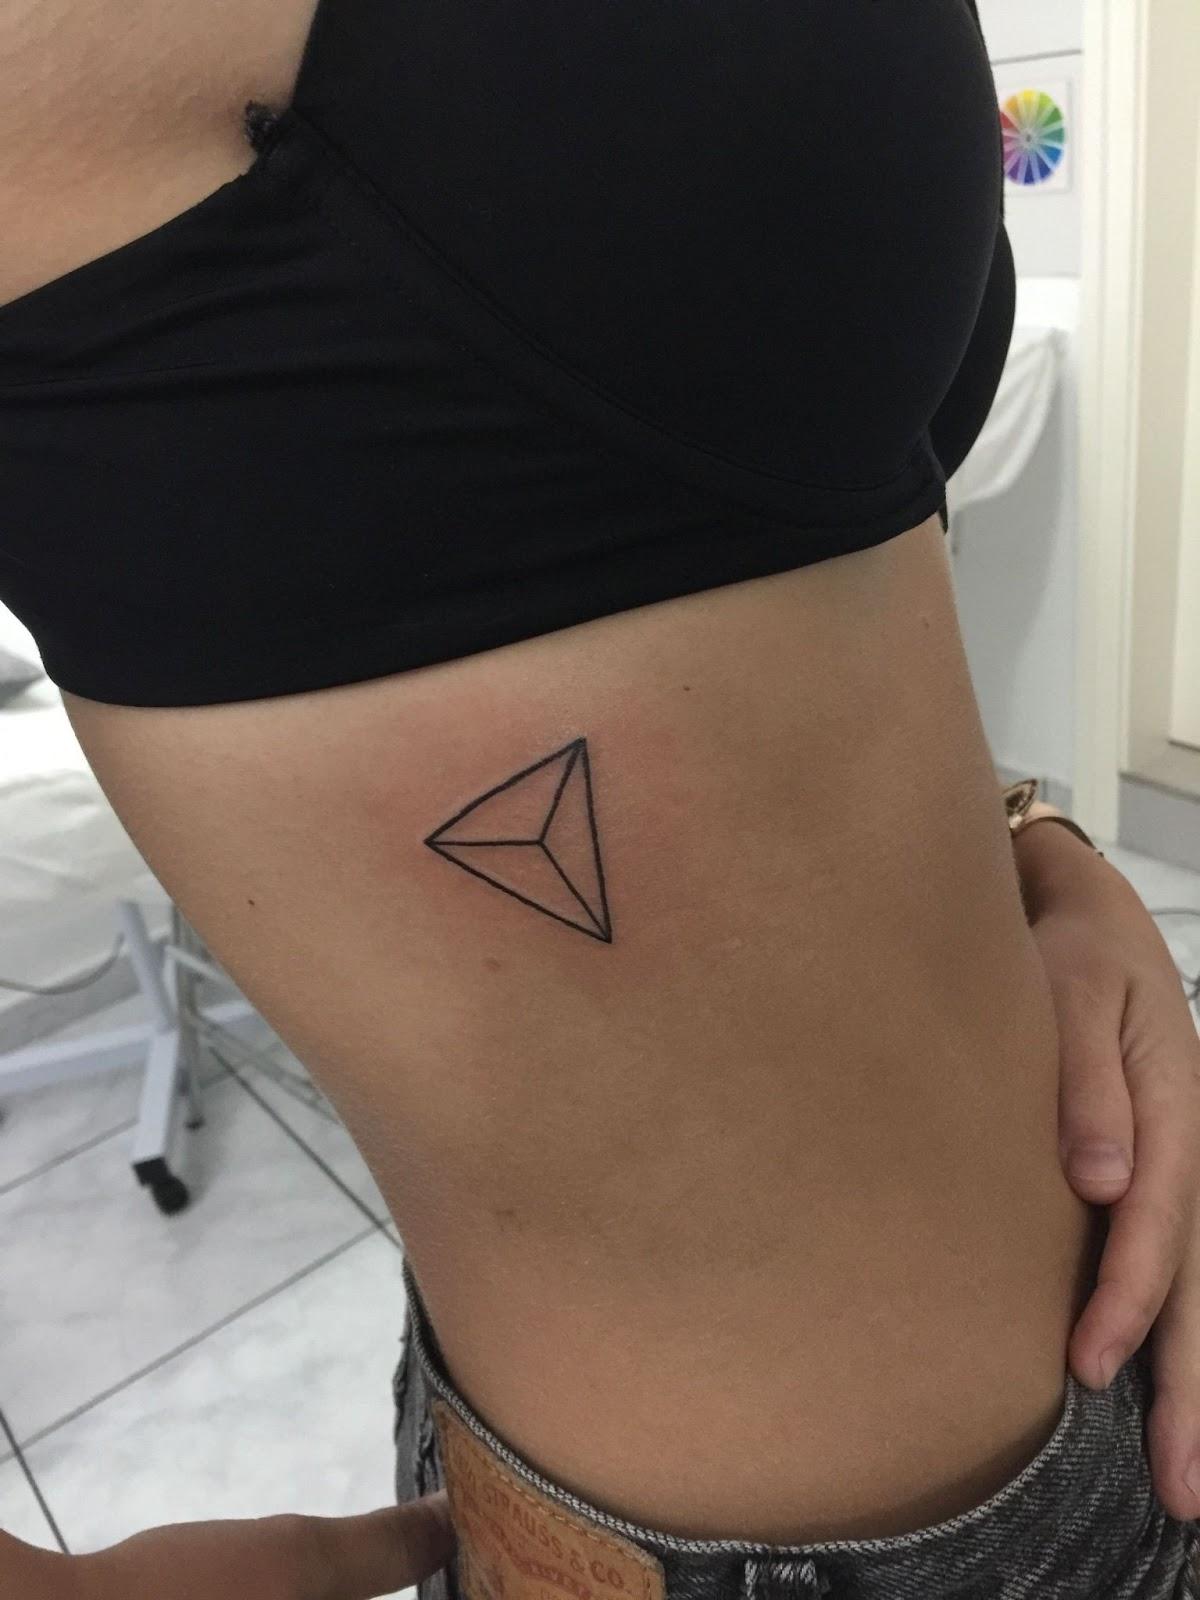 ลายสักสามเหลี่ยมผู้หญิง 09